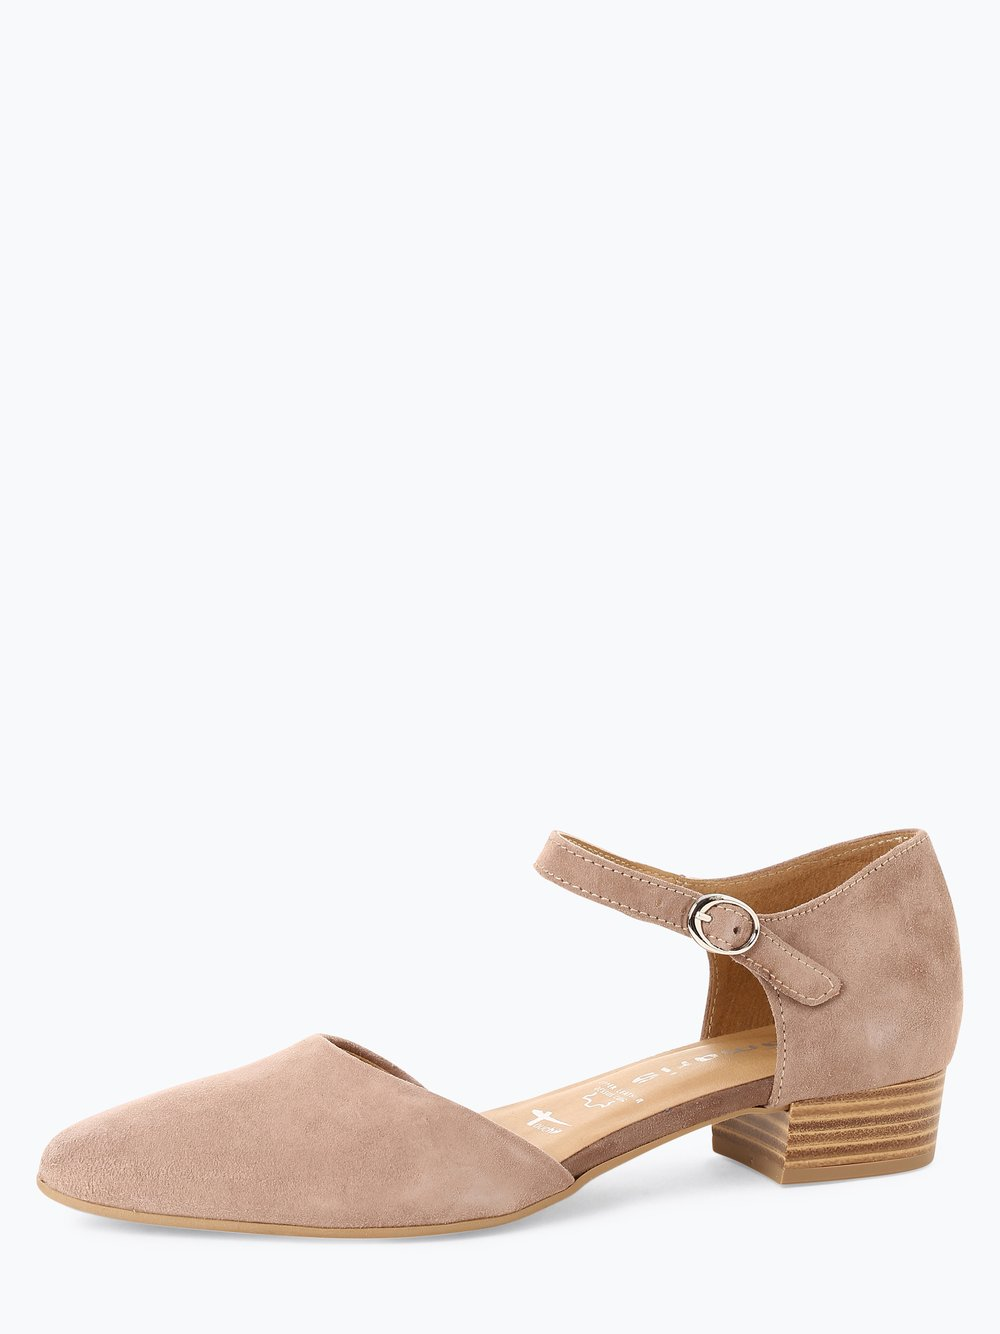 Tamaris Damen Sandalen aus Leder online kaufen | PEEK UND